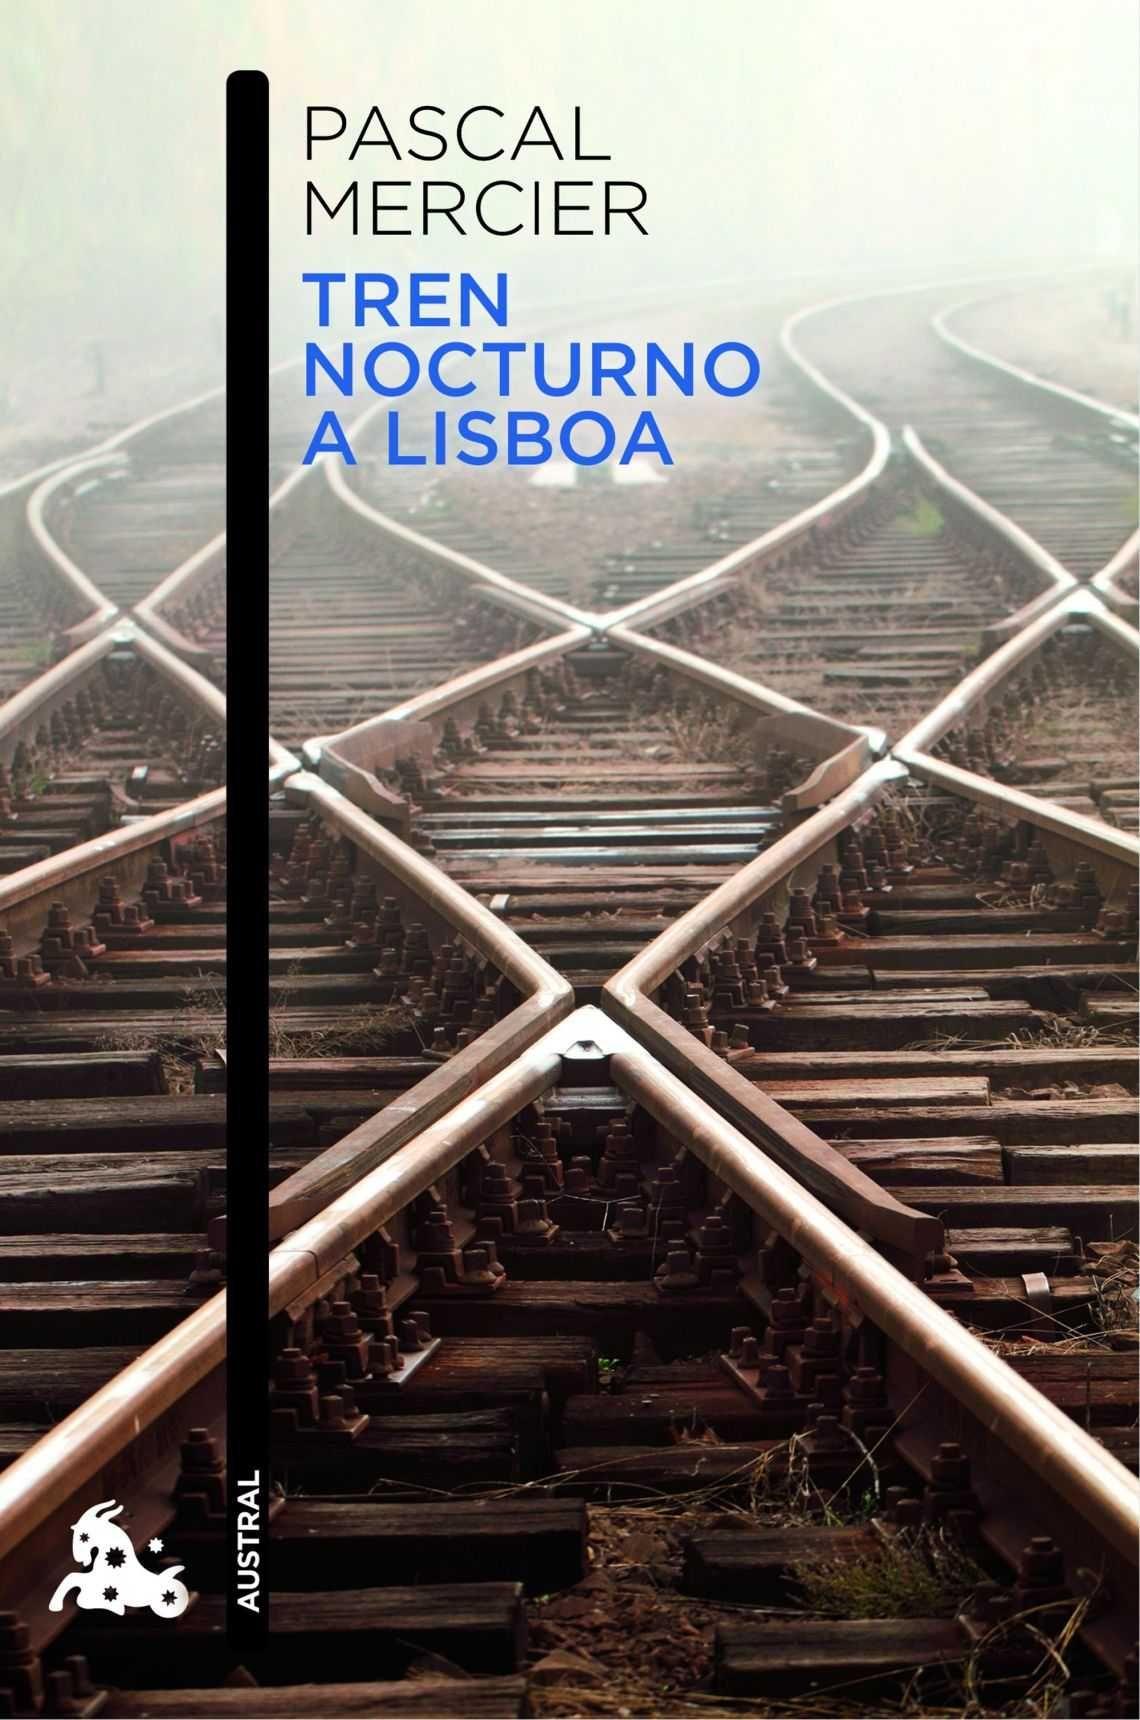 Literatura y trenes: ¡Atentos al cruce de vías!_ Tren nocturno a lisboa